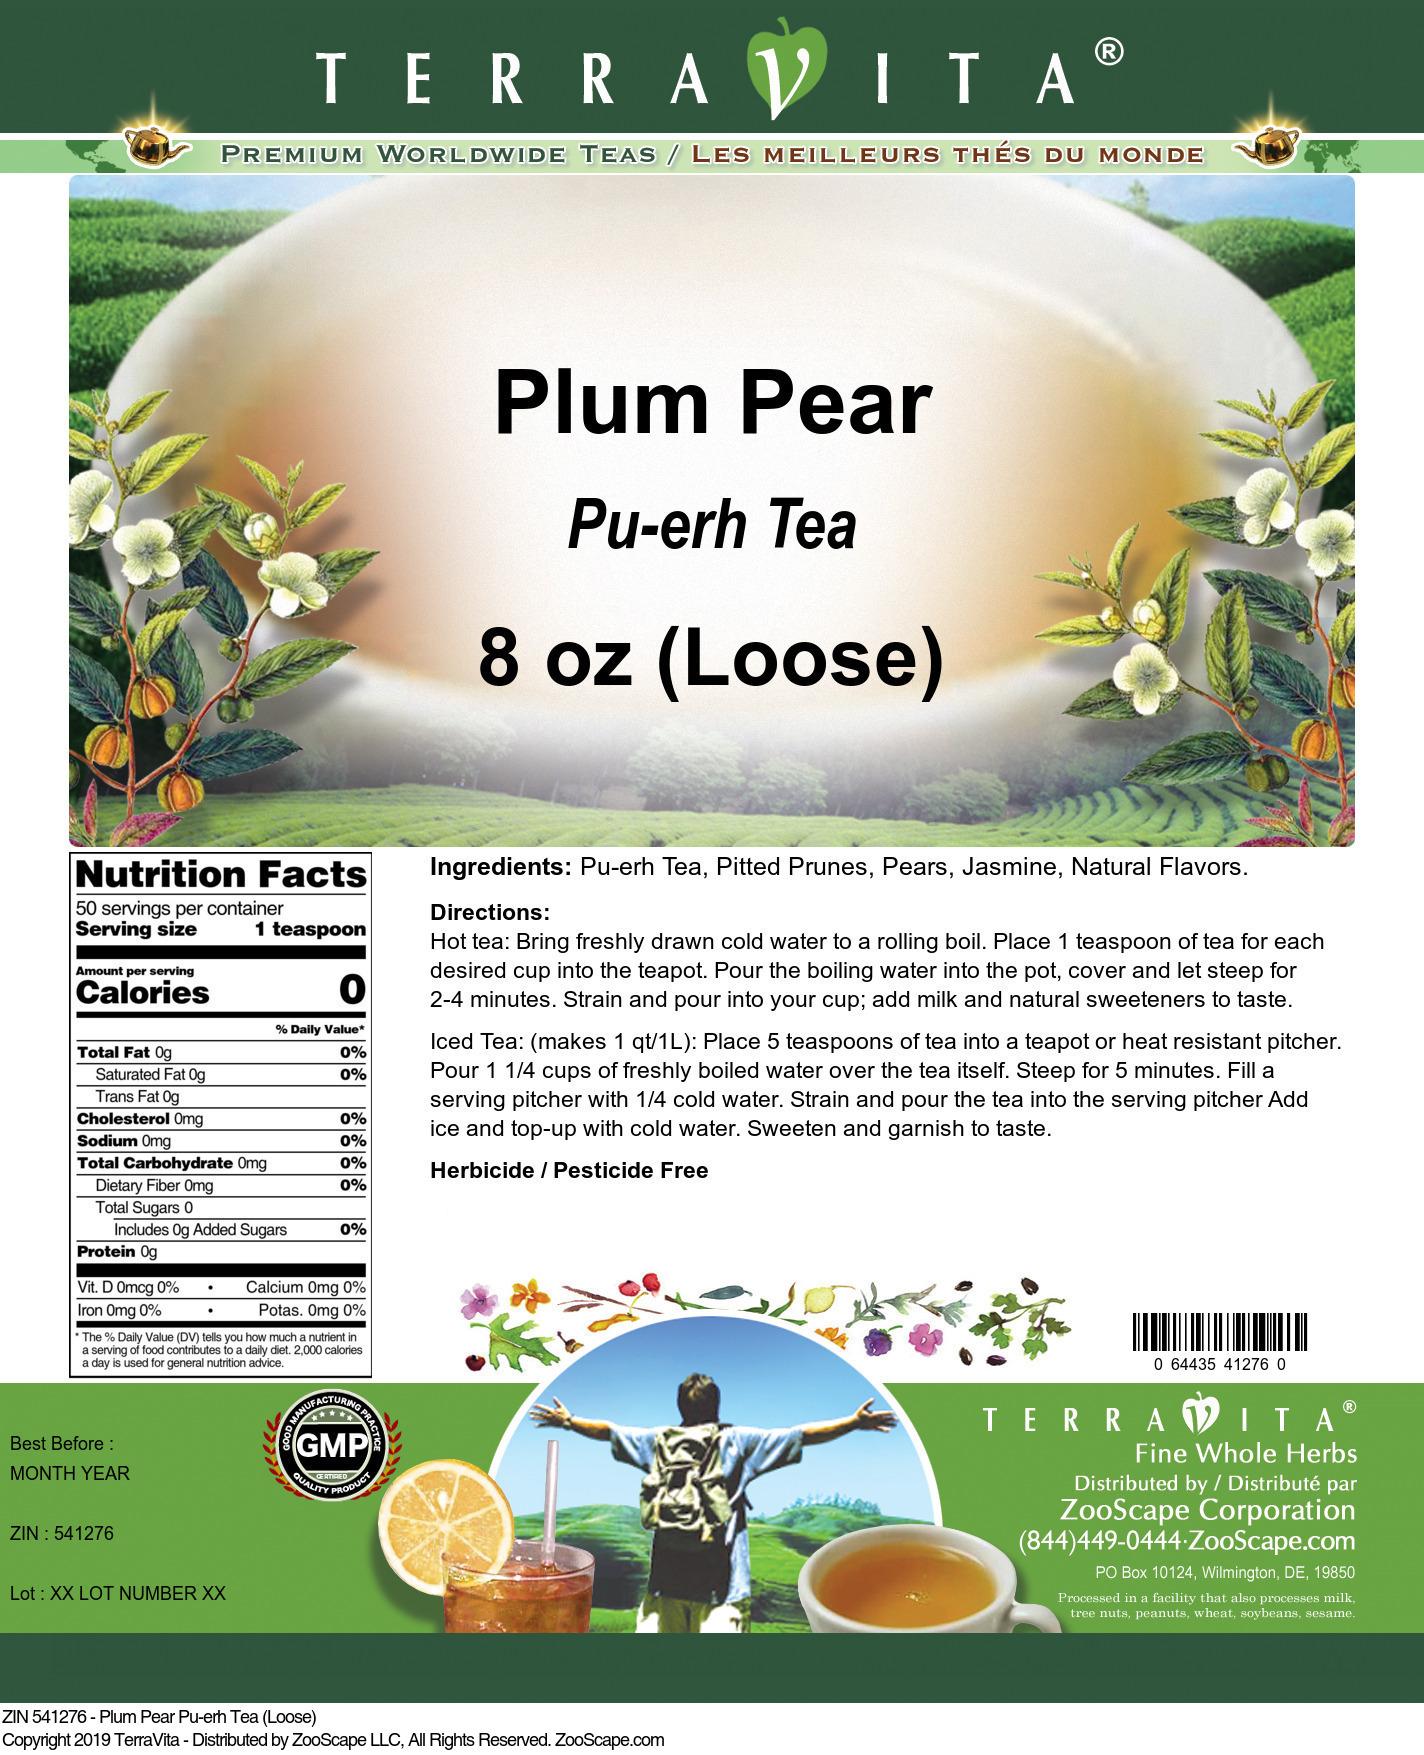 Plum Pear Pu-erh Tea